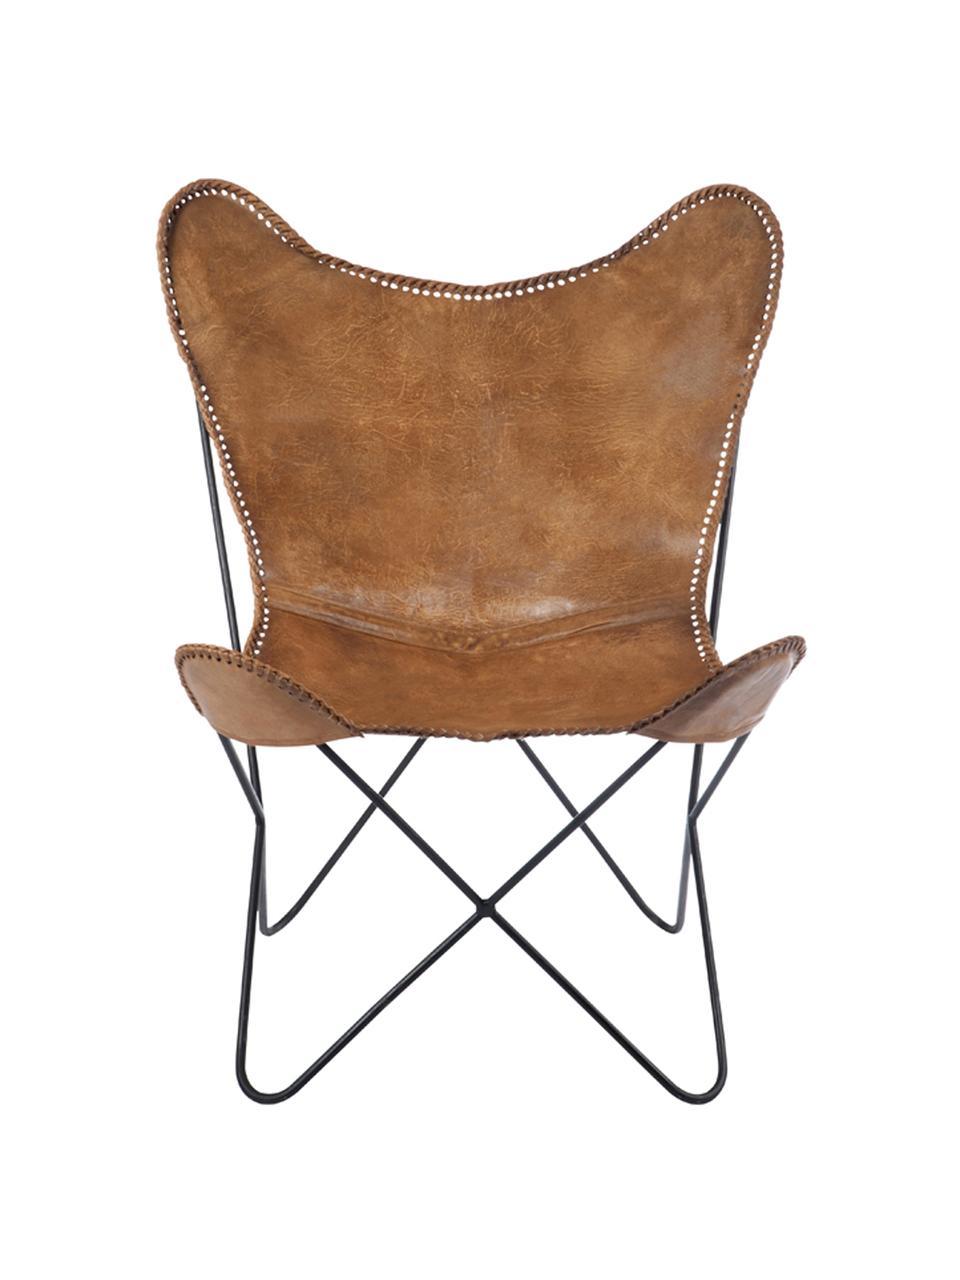 Sedia a poltrona in pelle Brady, Seduta: pelle di capra, Struttura: metallo verniciato, Marrone, Larg. 67 x Prof. 73 cm